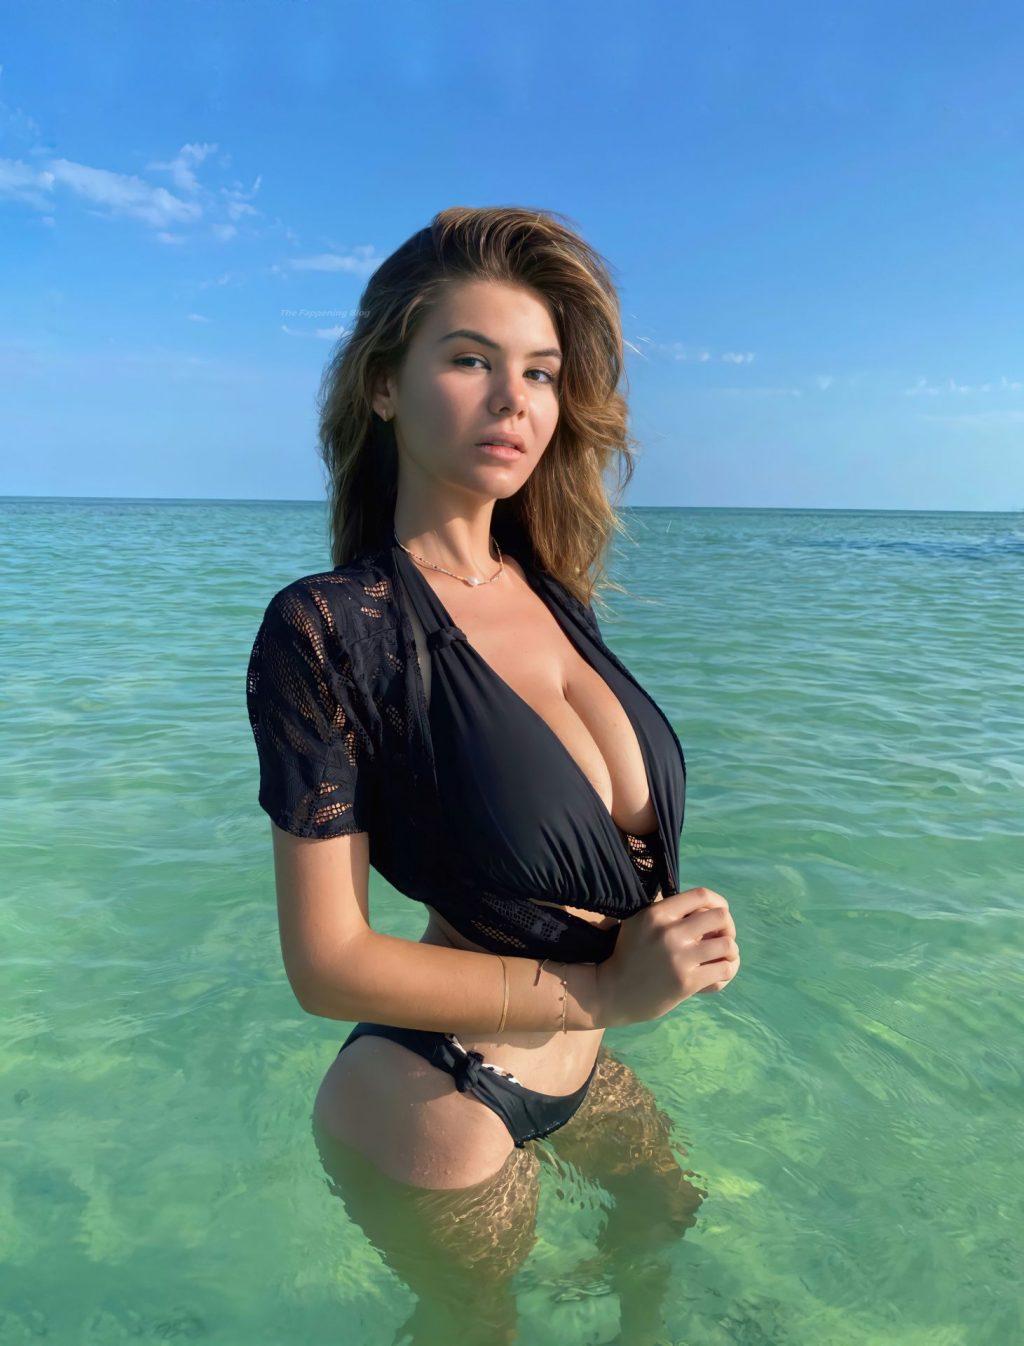 Ashley Tervort Sexy (3 Photos)